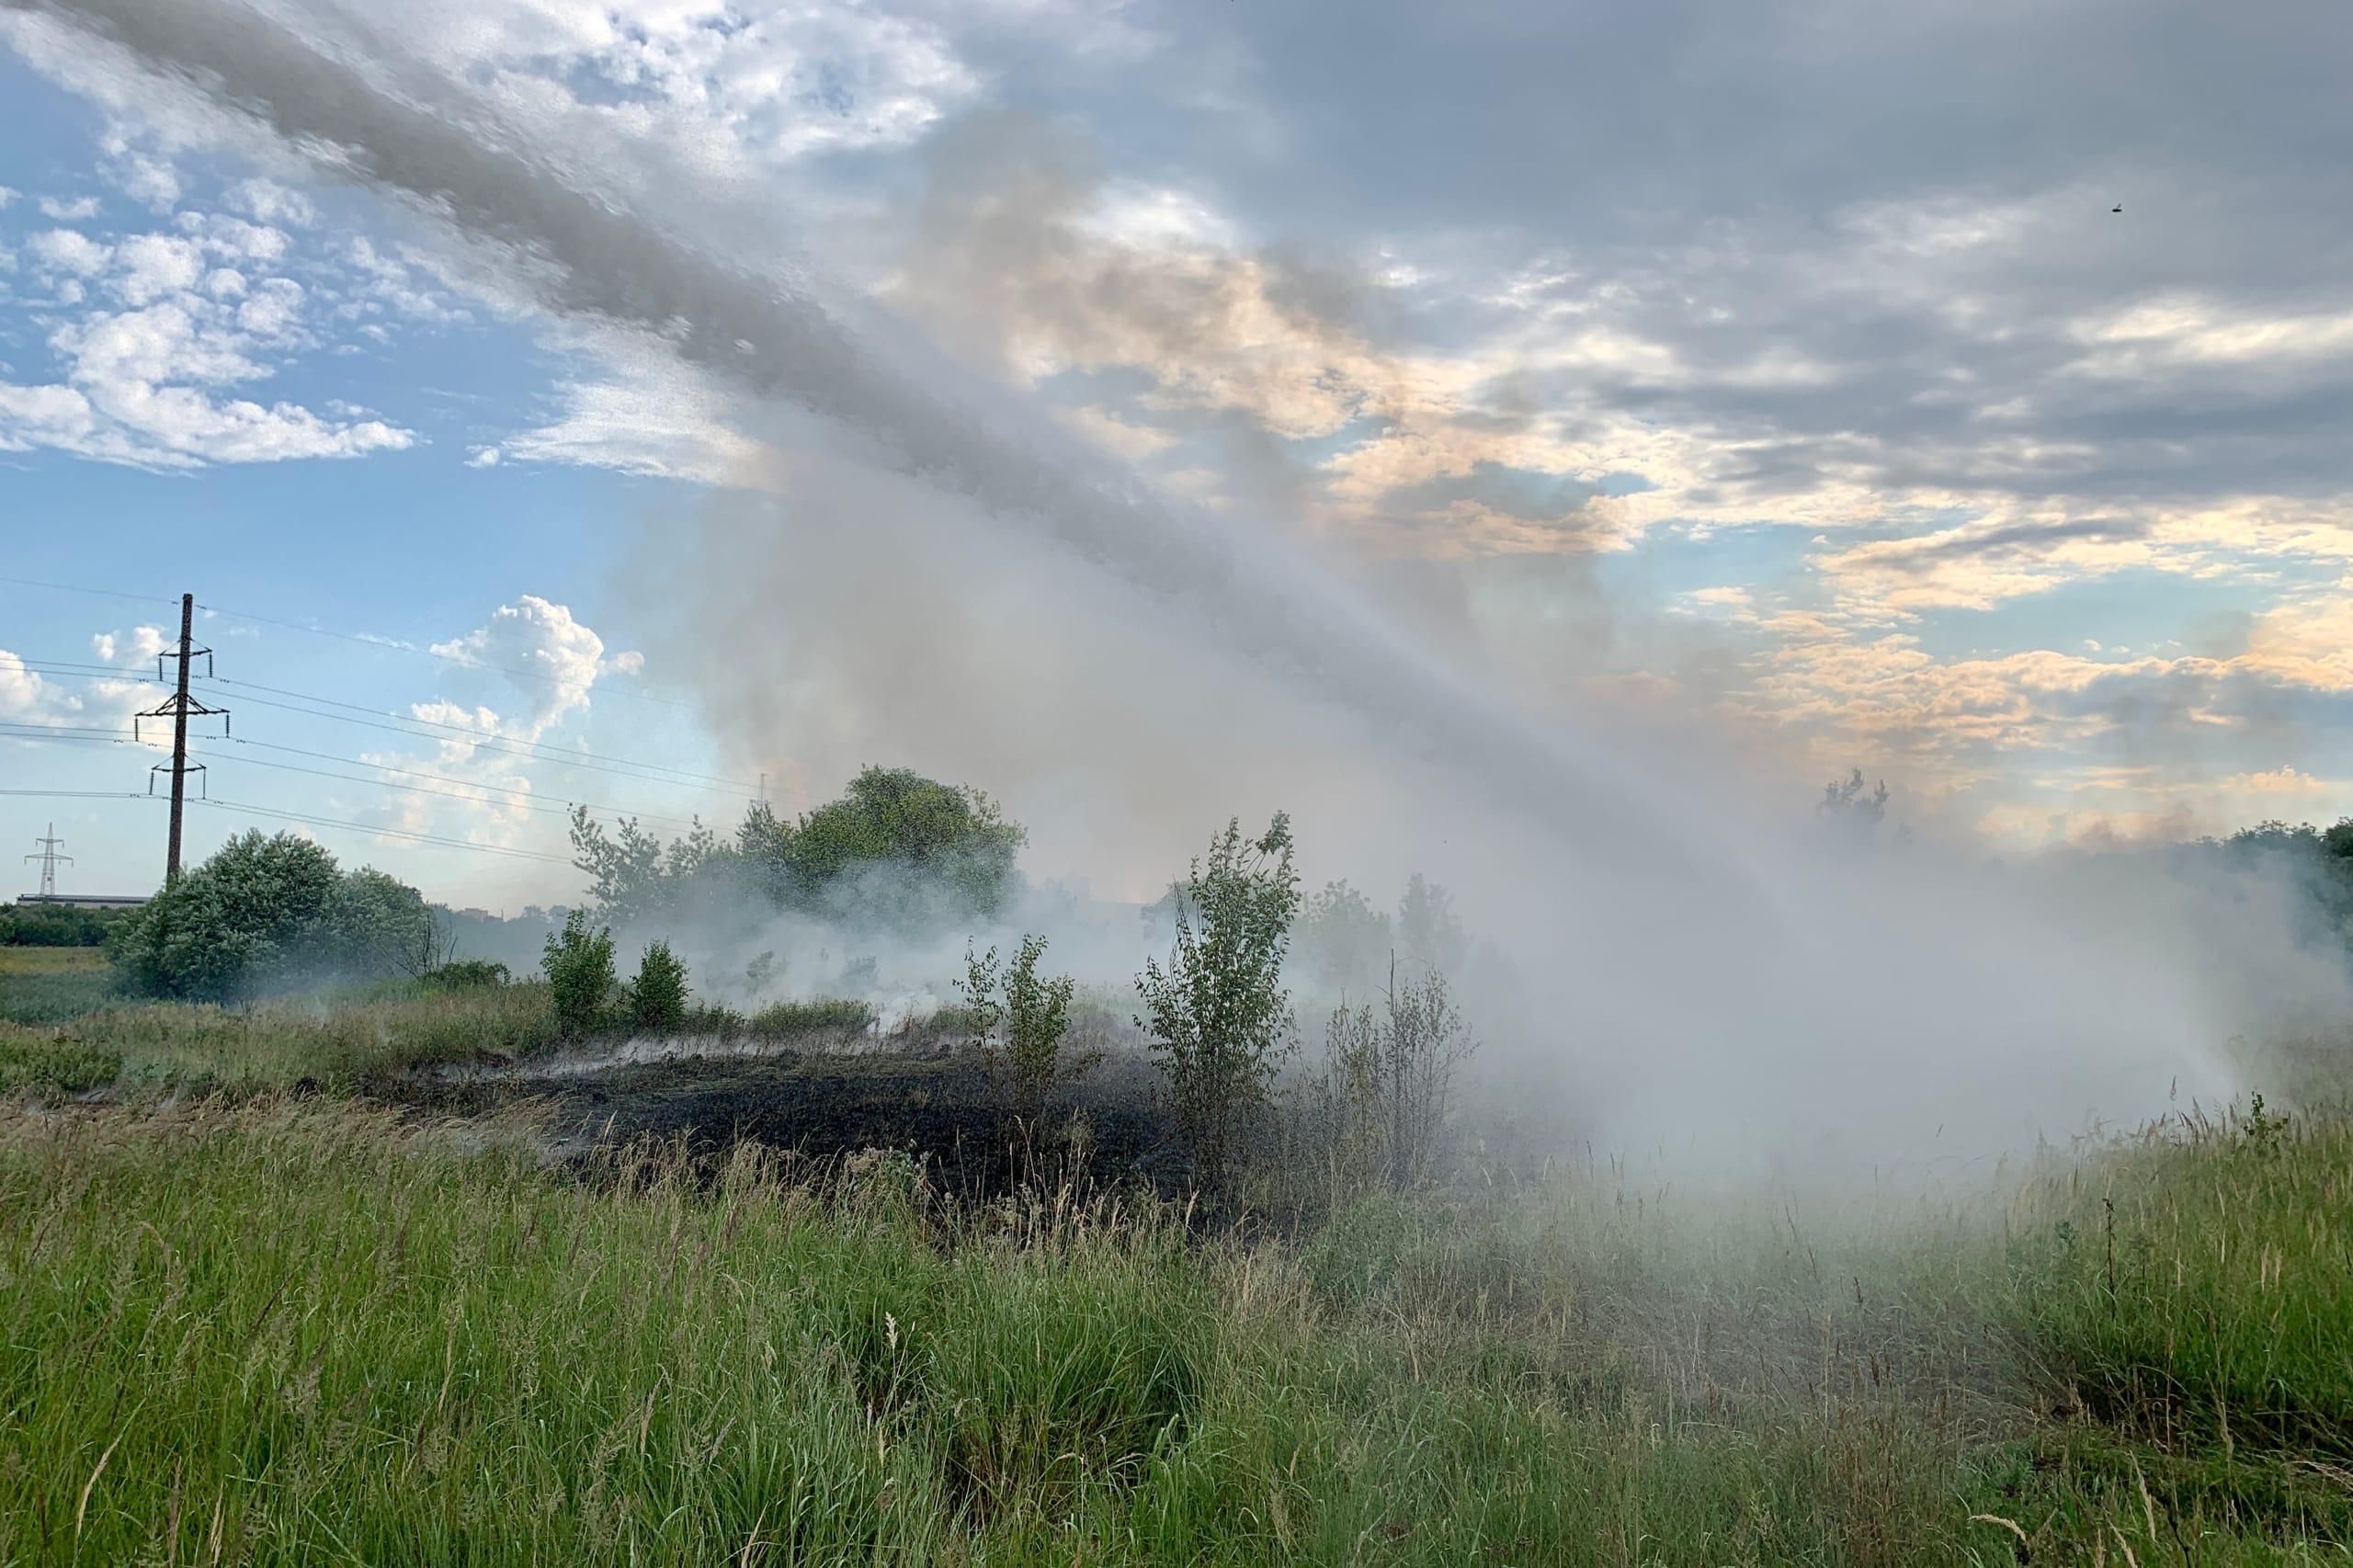 В Твери спасатели тушат загоревшееся поле